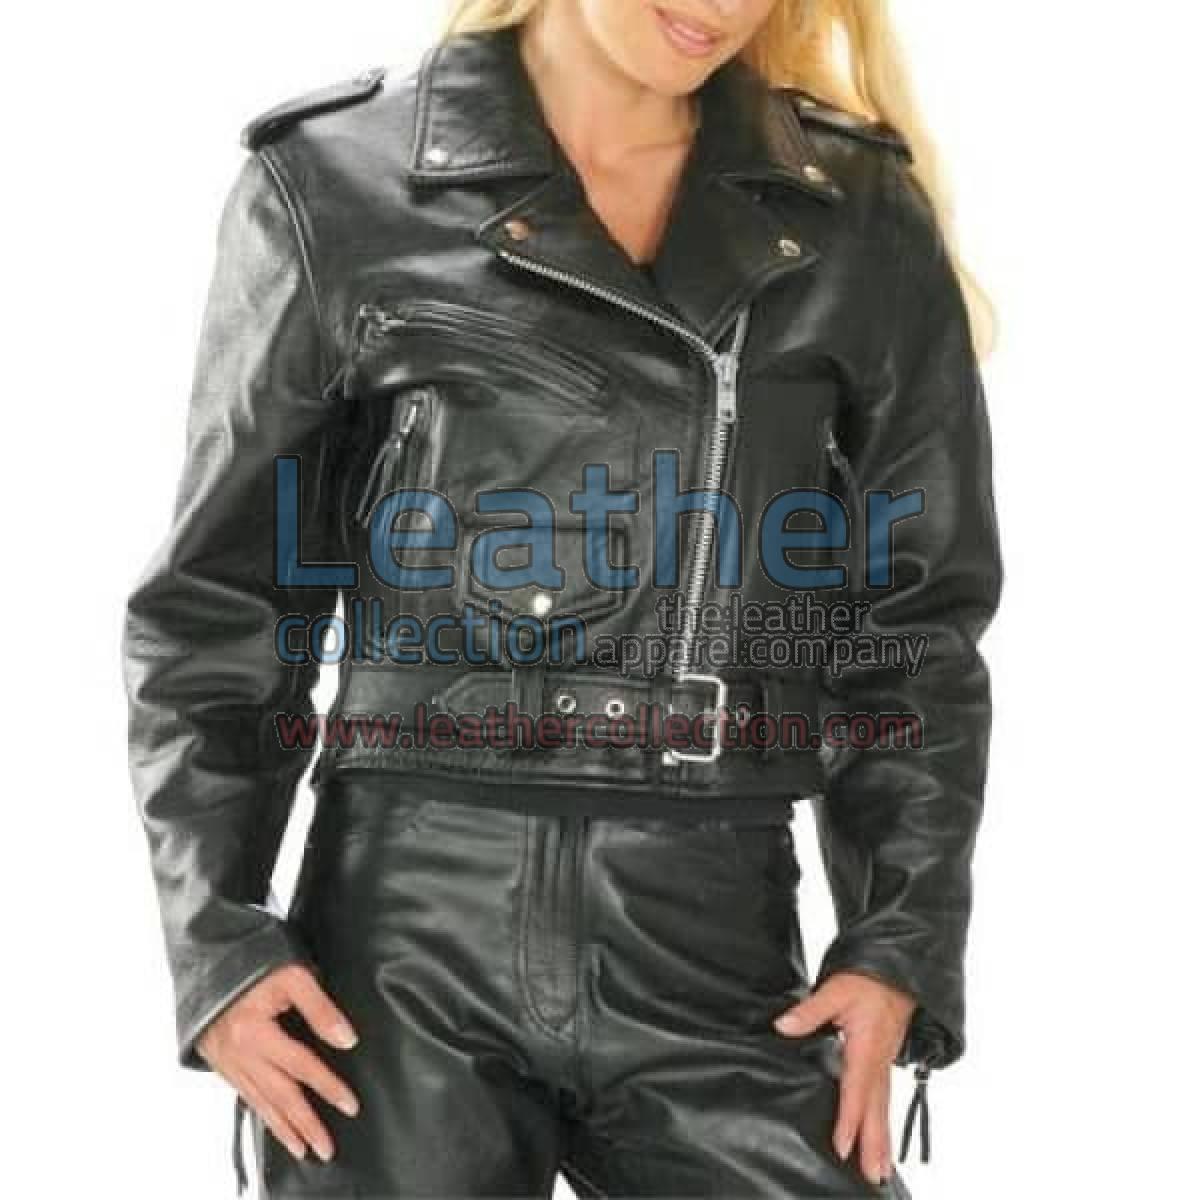 Brando Women Biker Leather Jacket